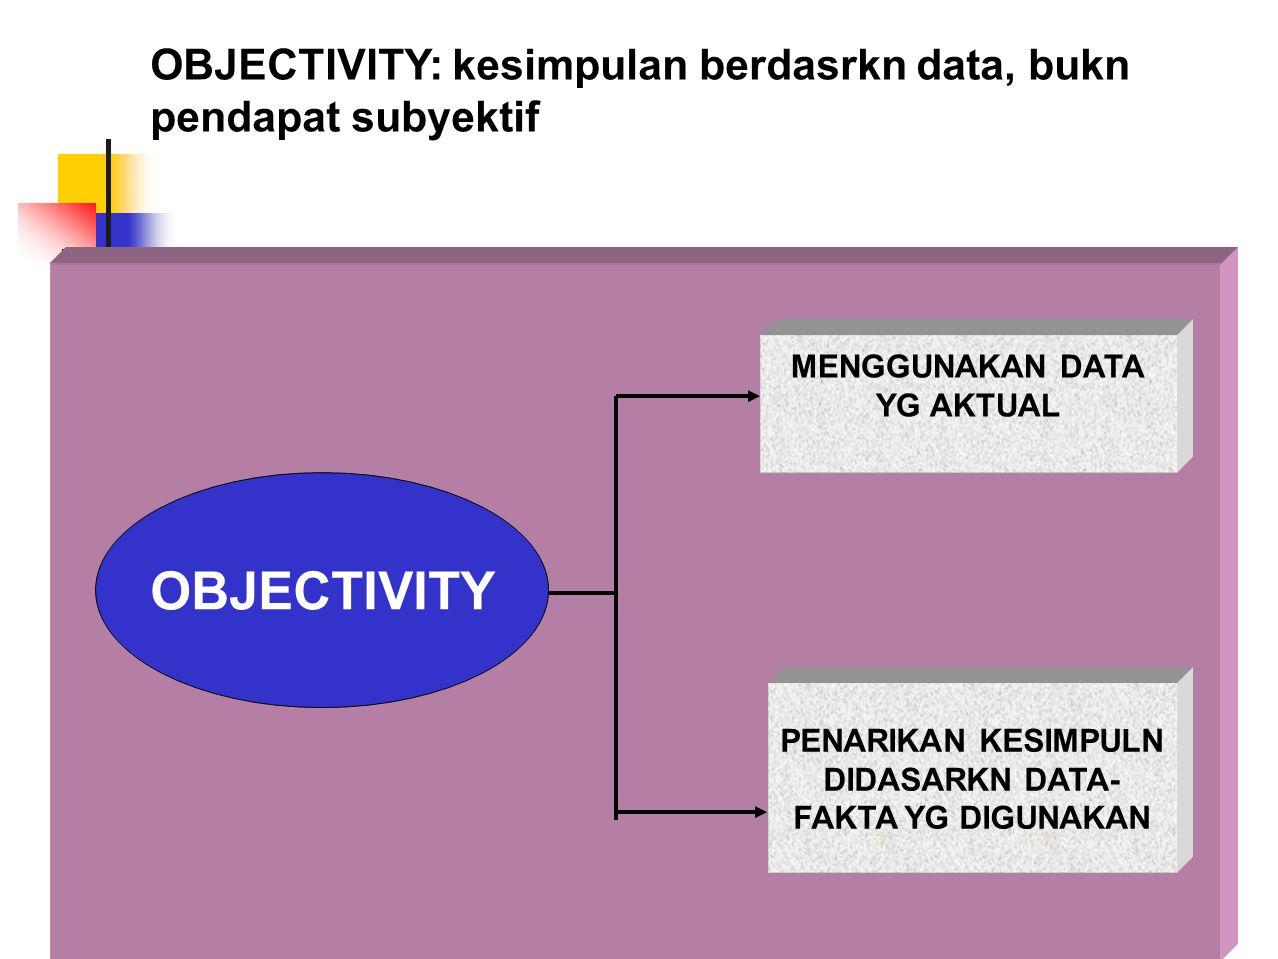 OBJECTIVITY: kesimpulan berdasrkn data, bukn pendapat subyektif